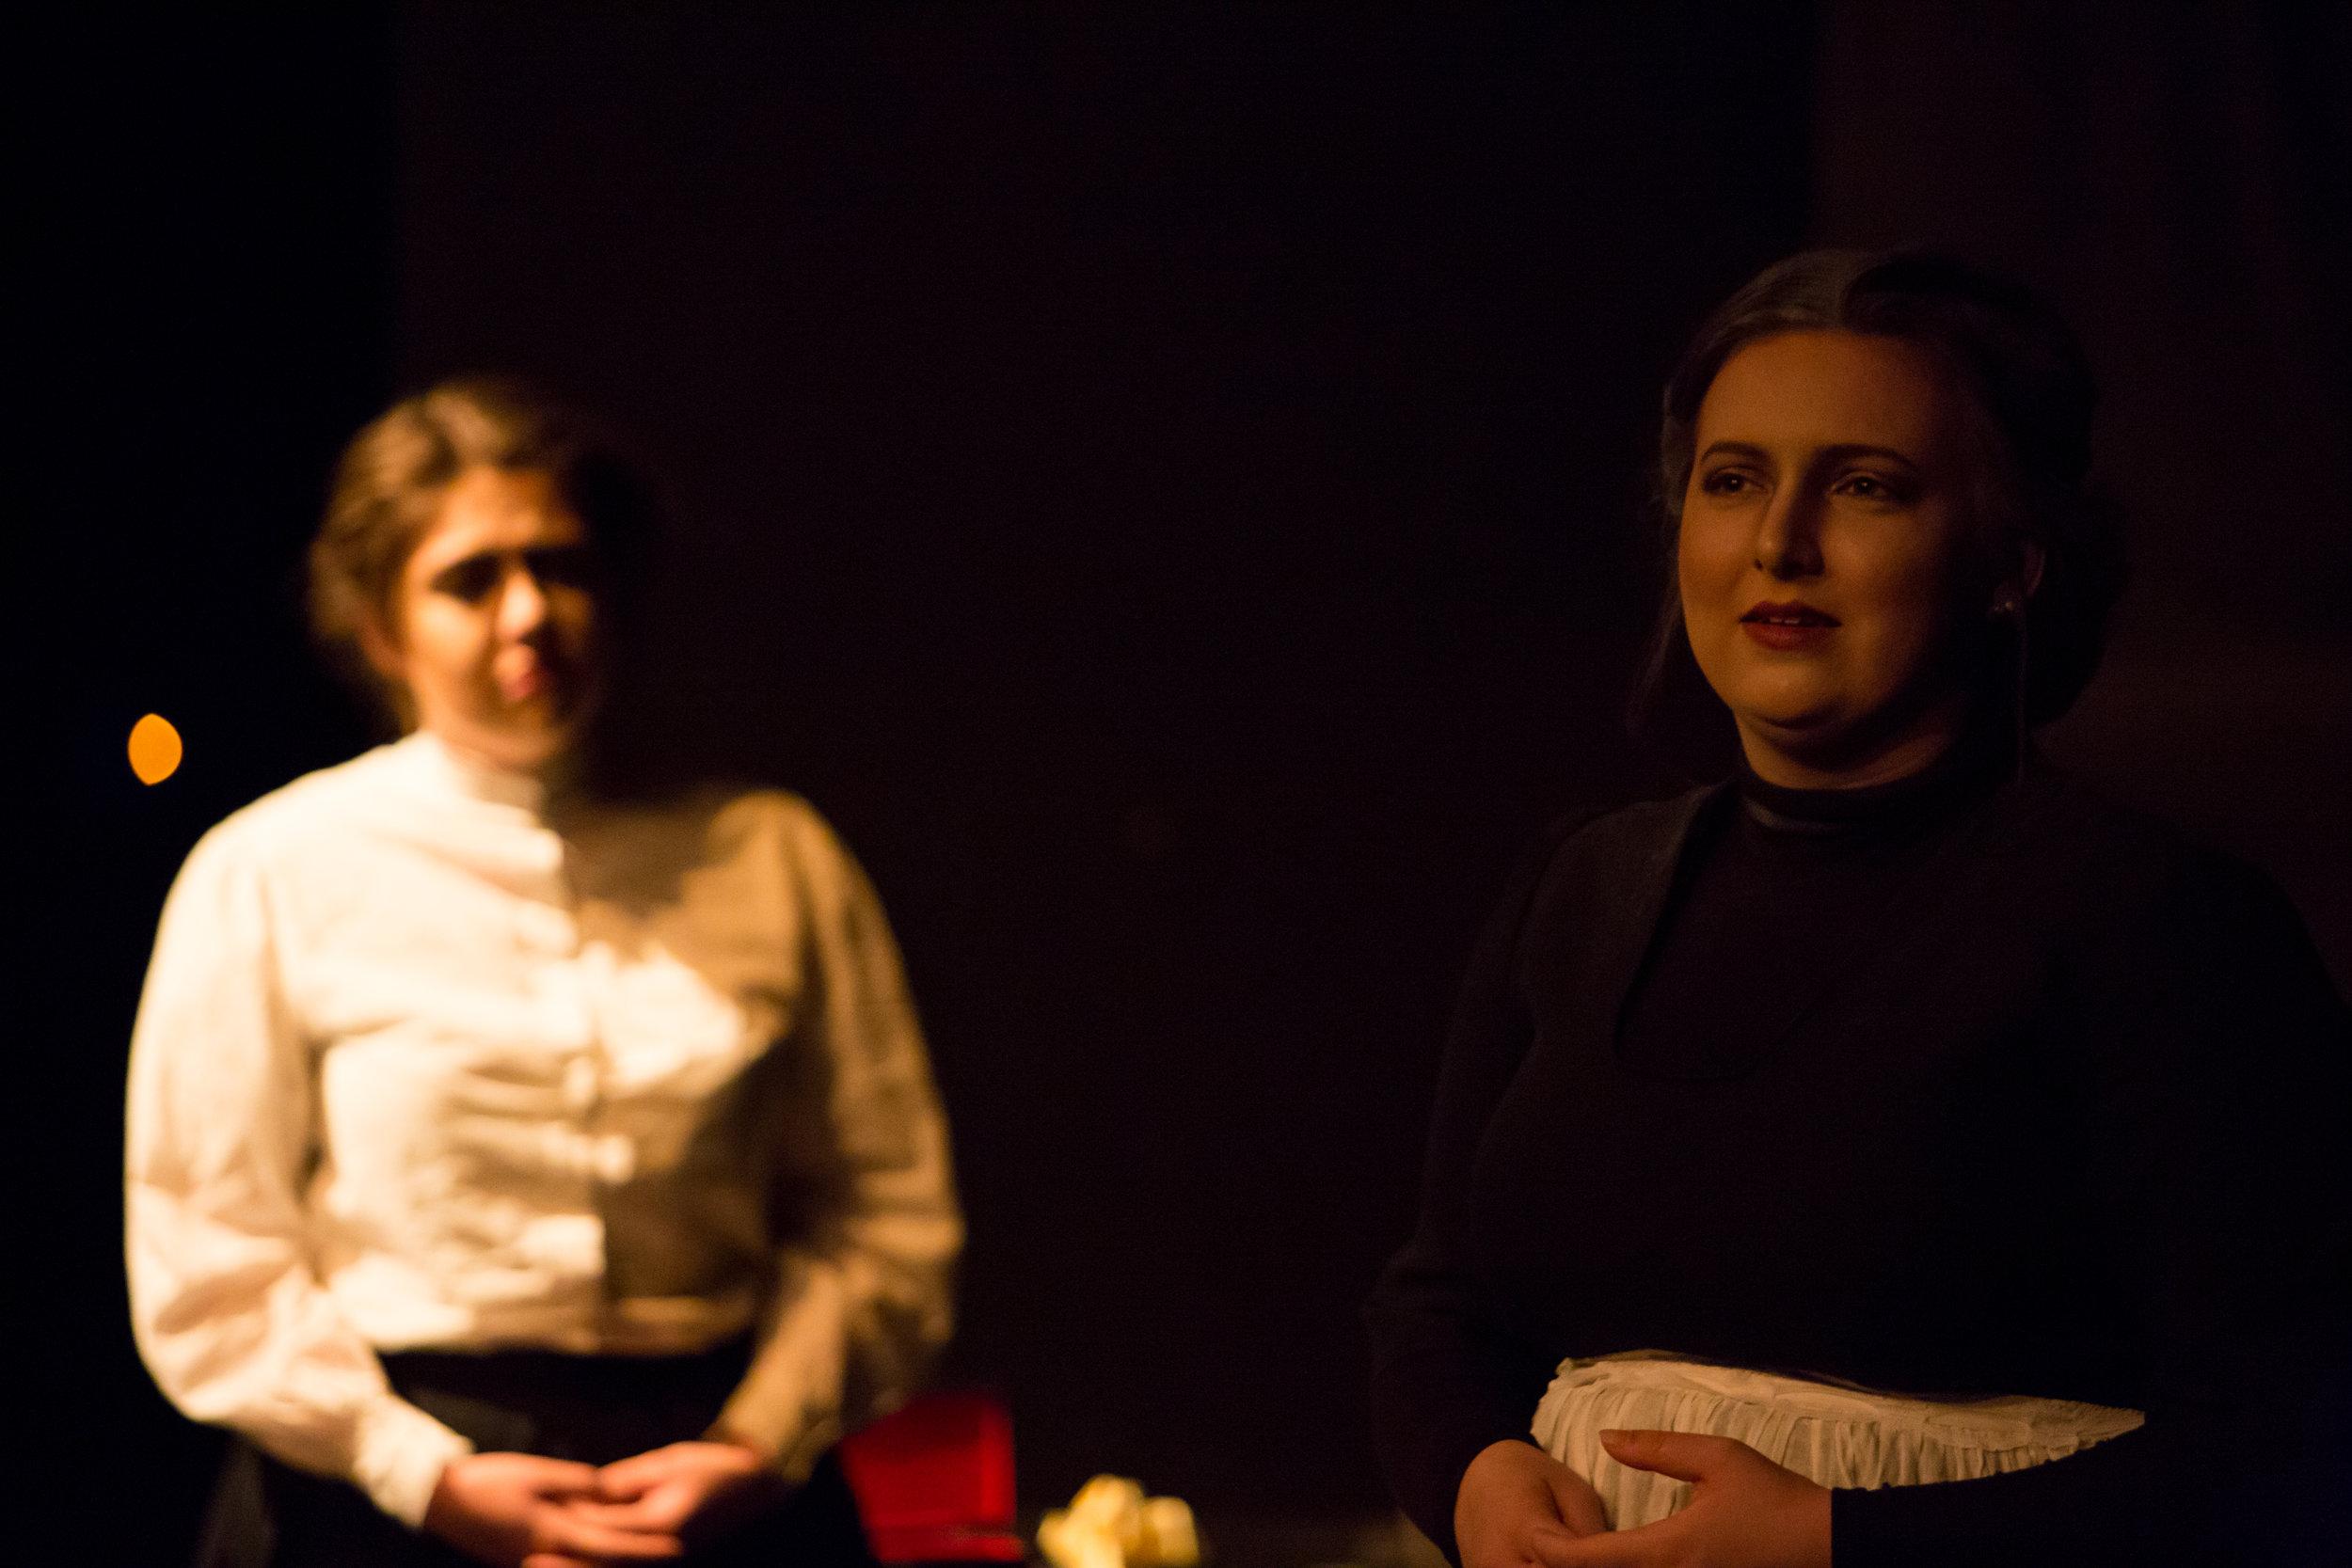 Edith in the dark_edit-34.jpg